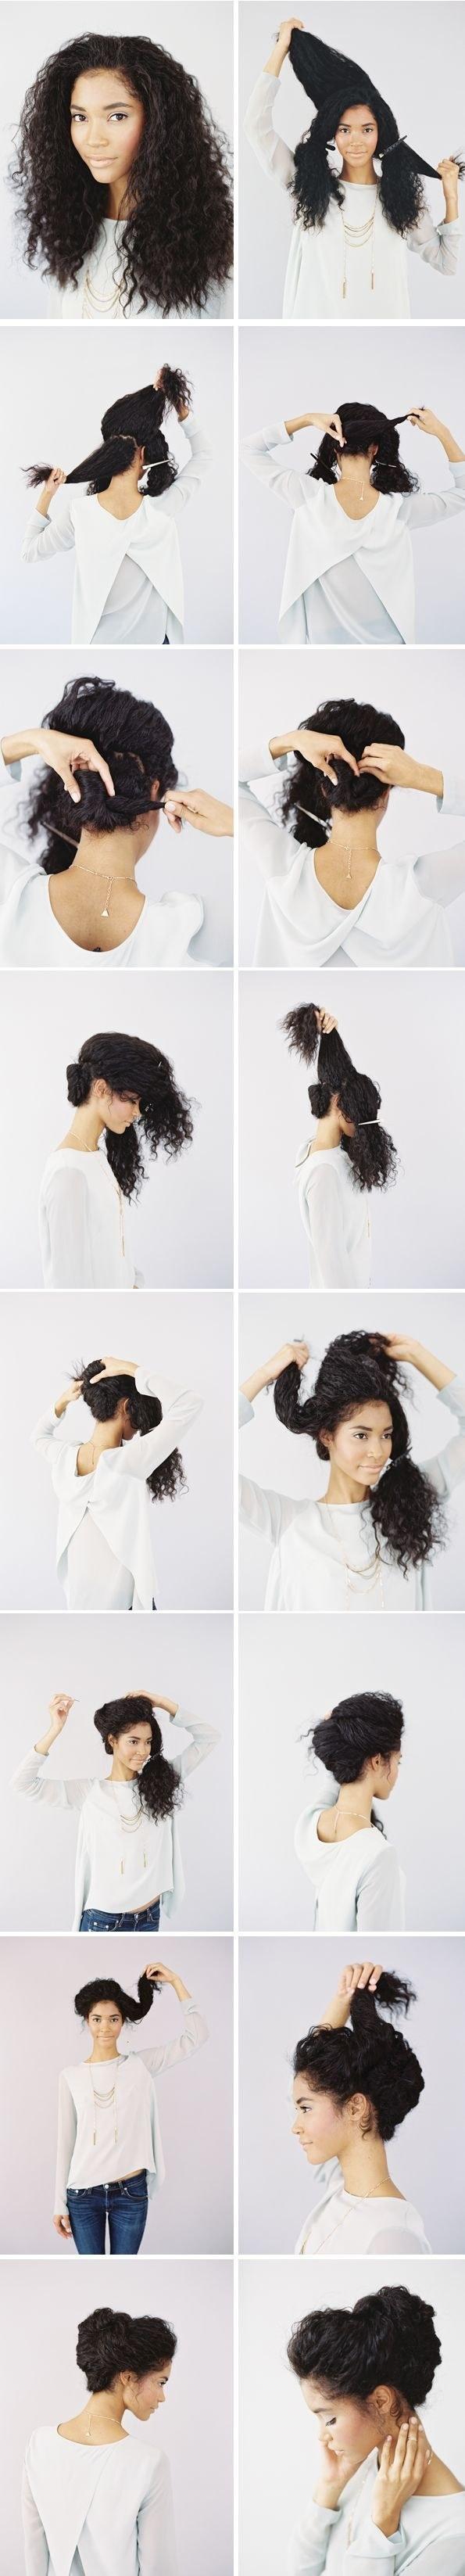 peinados-con-rulos